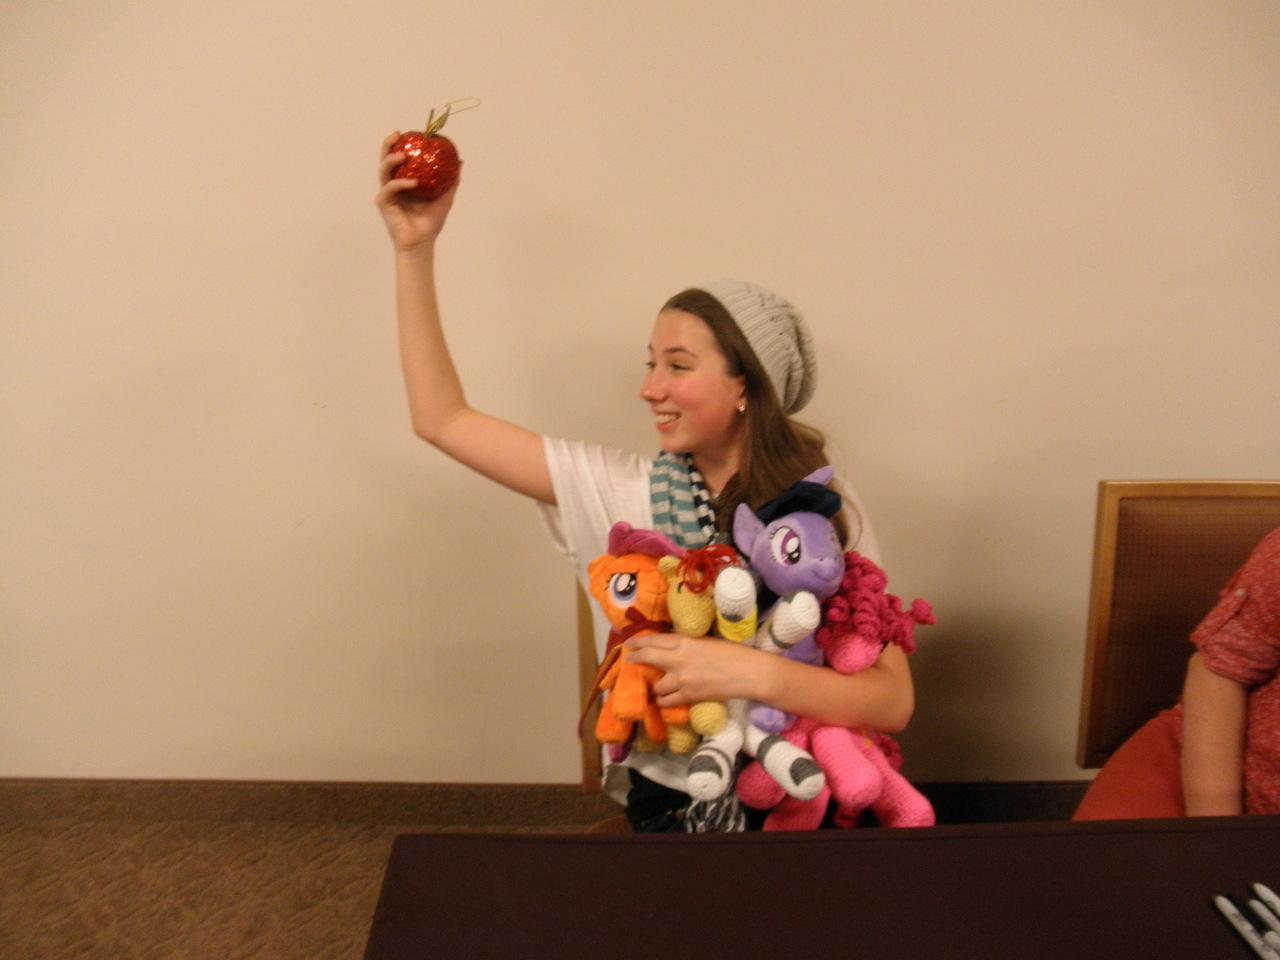 144541 Apple Apple Bloom Equestria La Irl Michelle Creber